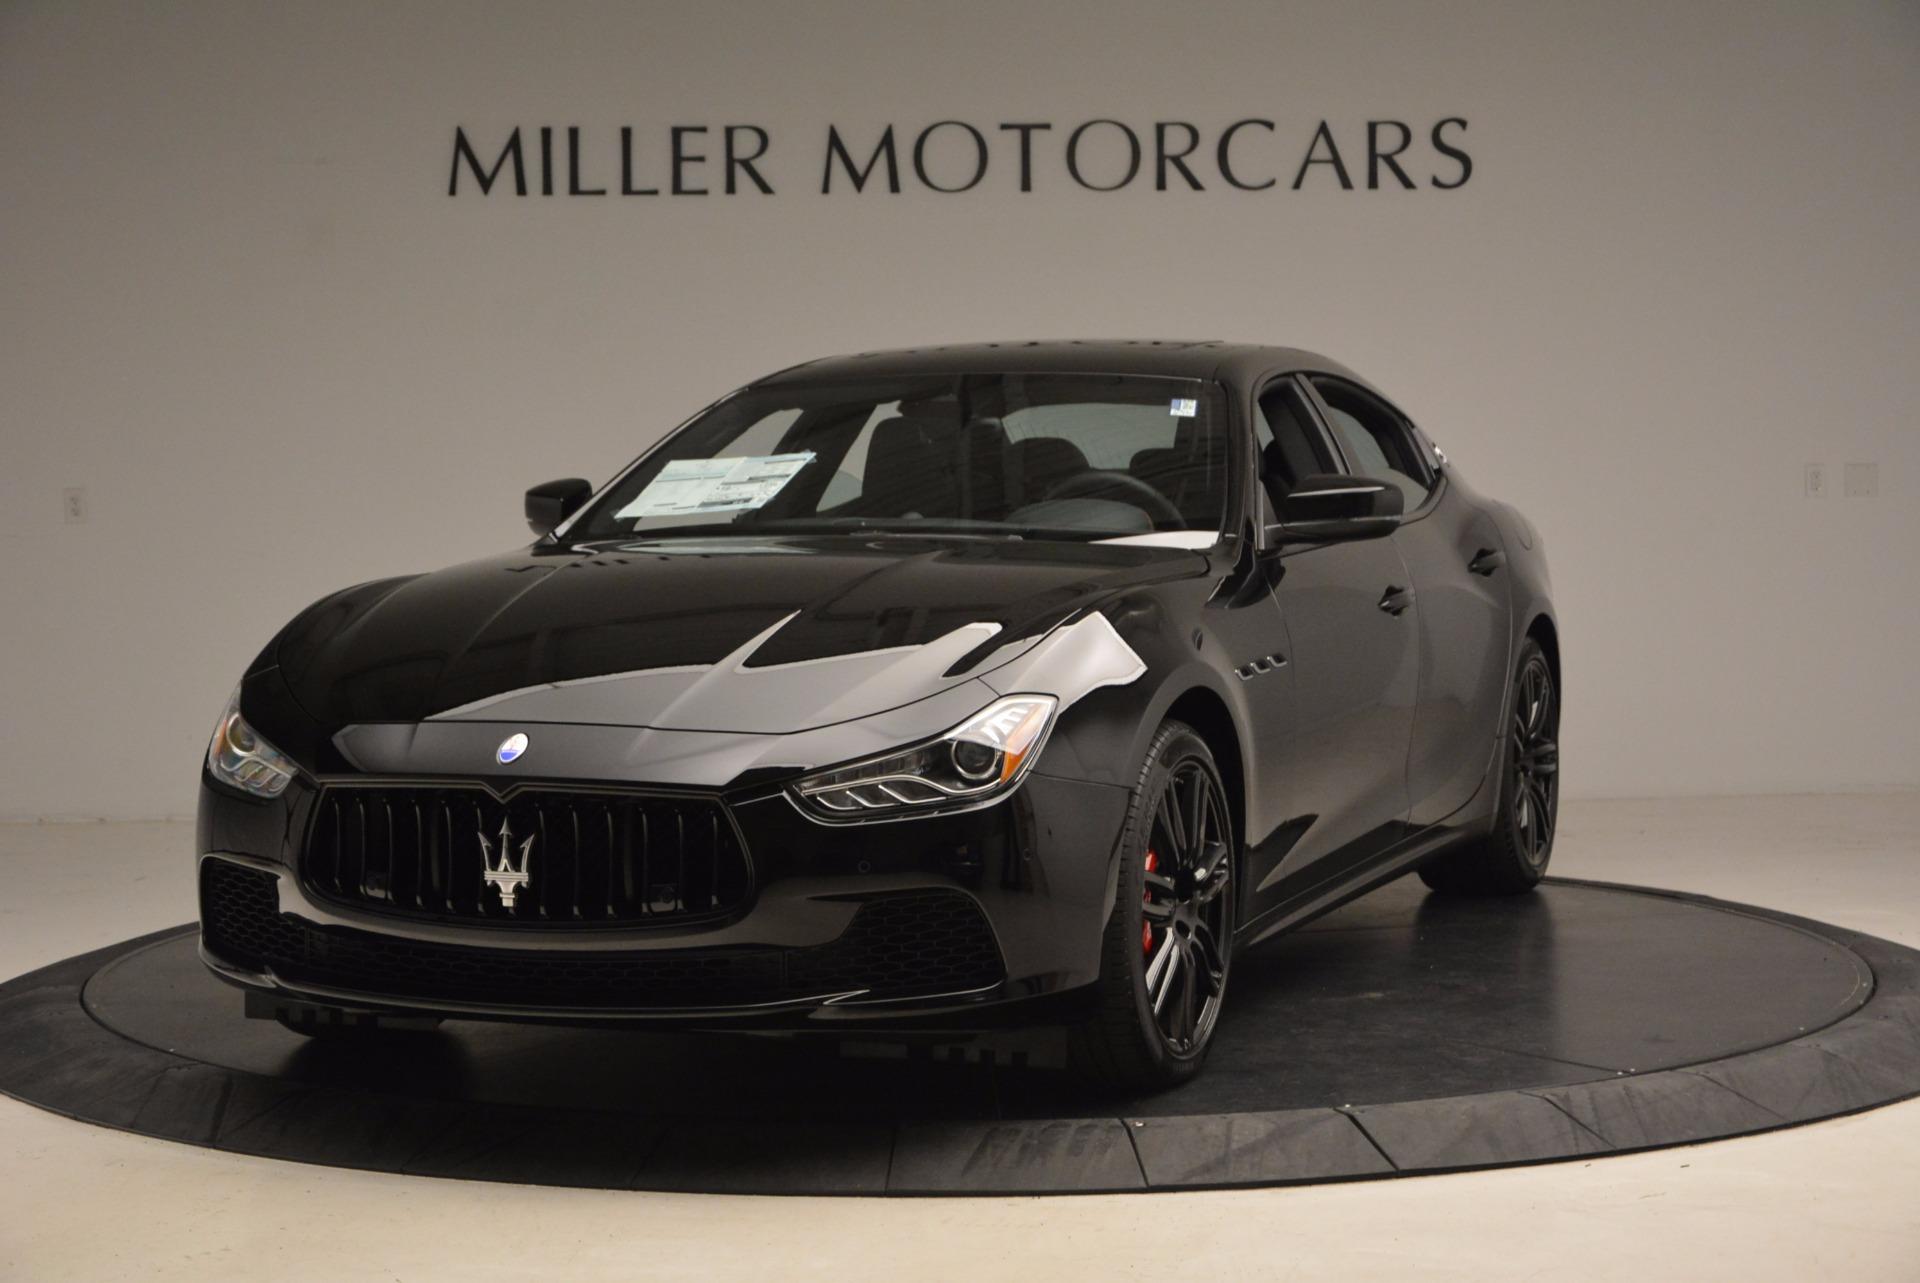 New 2017 Maserati Ghibli Nerissimo Edition S Q4 For Sale In Greenwich, CT 1420_main